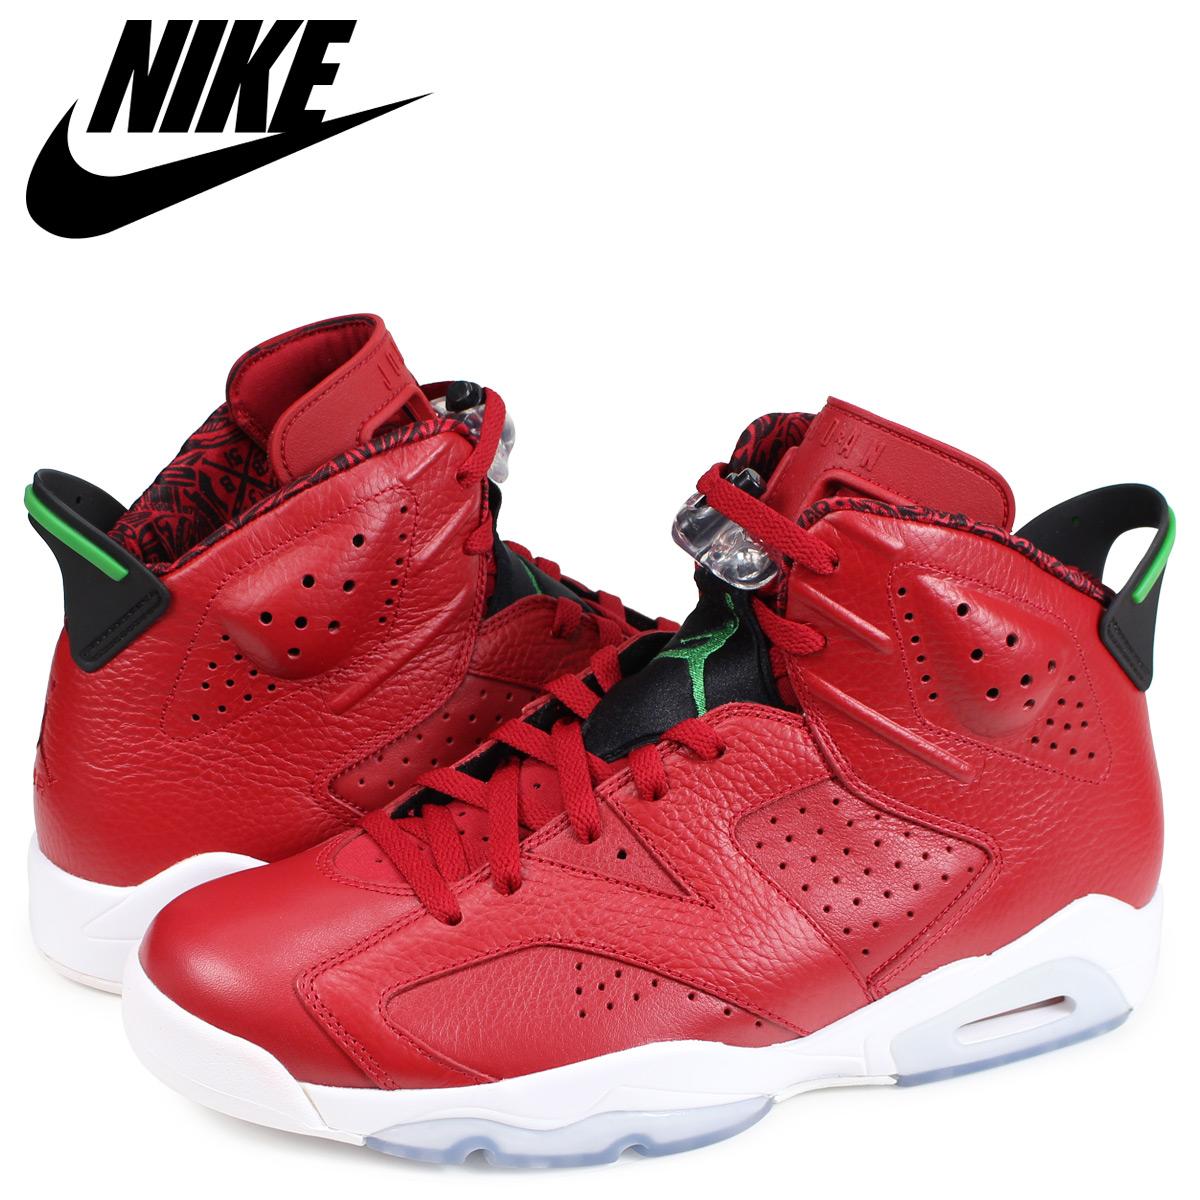 united states great look first rate NIKE Nike Air Jordan 6 nostalgic sneakers men AIR JORDAN 6 RETRO SPIZIKE  red red 694,091-625